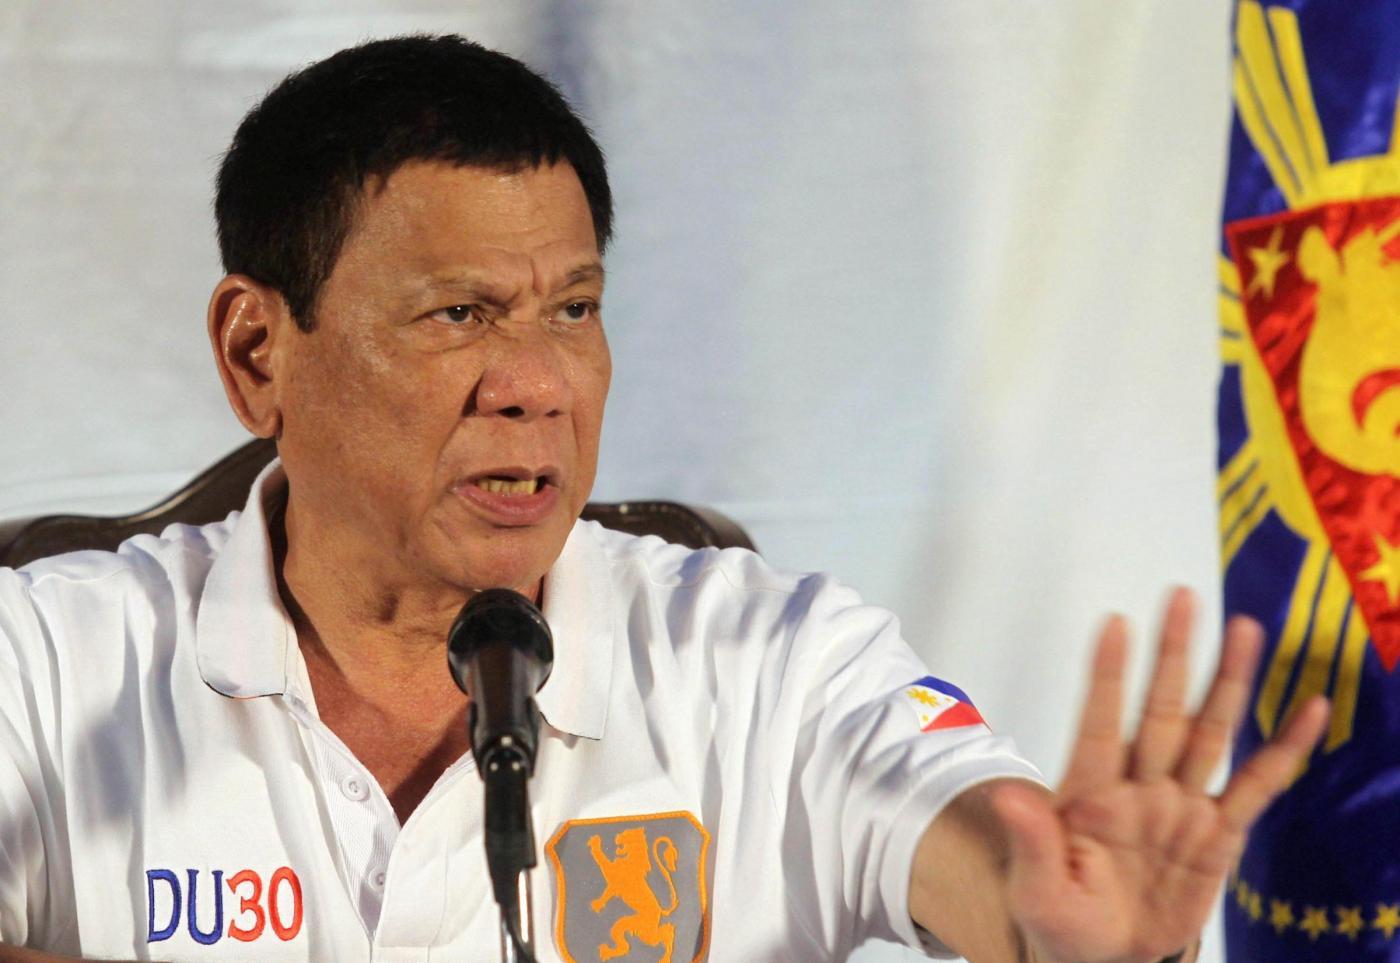 Filippine, a processo la sanguinosa politica antidroga di Duterte